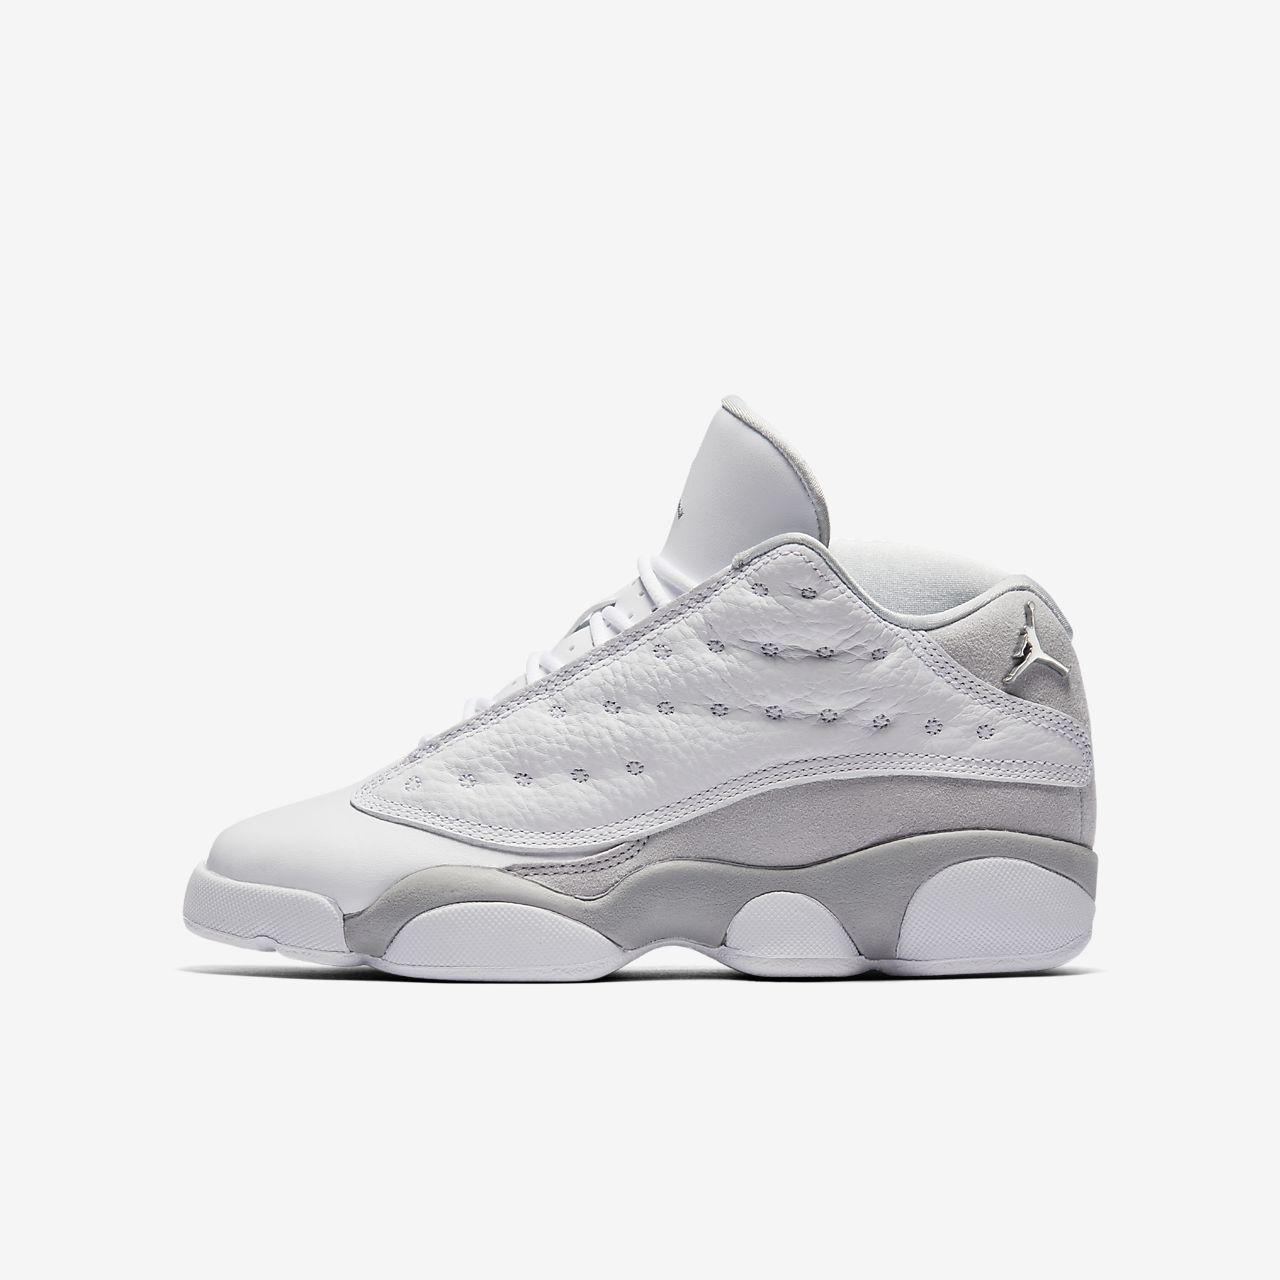 รองเท้าเด็กโต Air Jordan 13 Retro Low